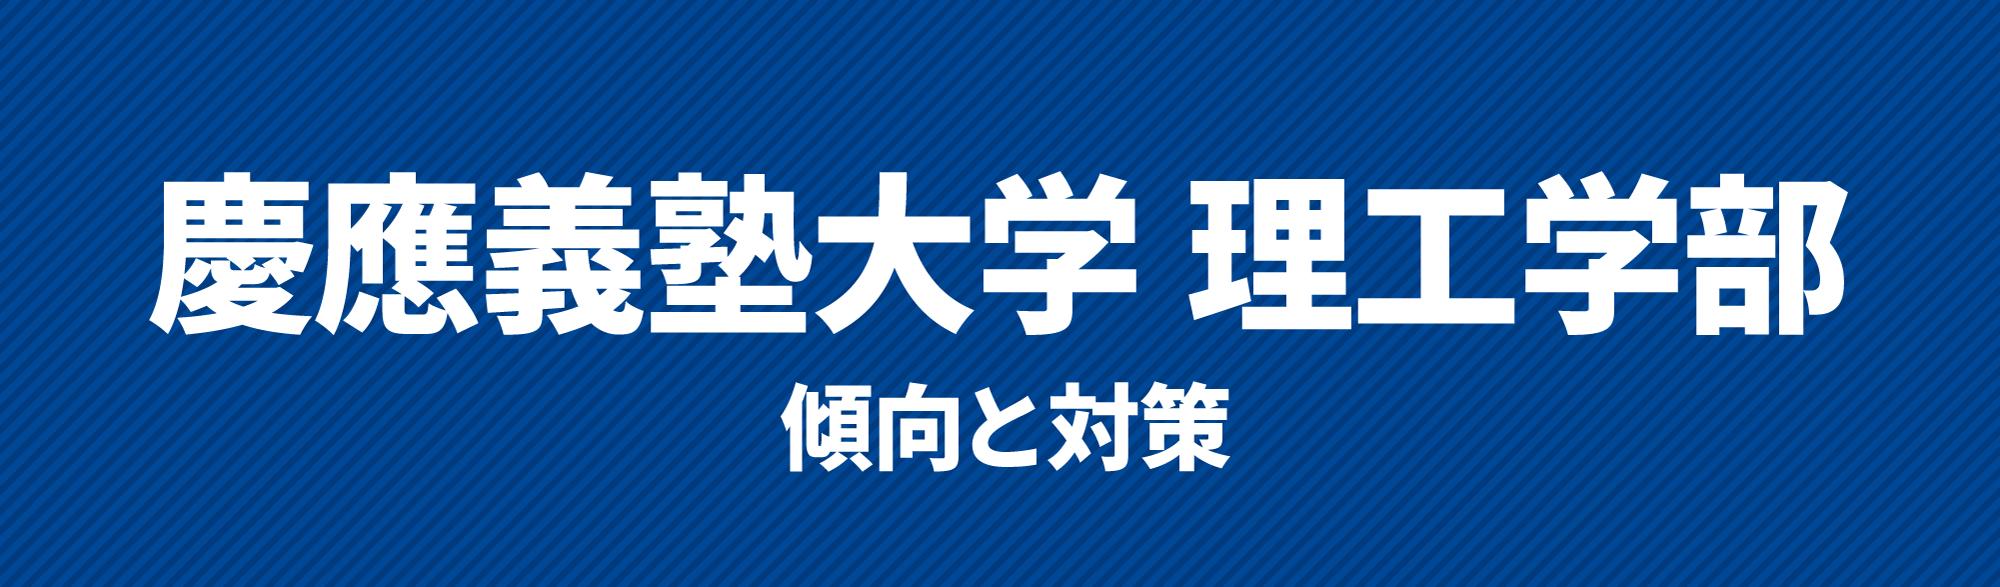 慶應義塾大学理工学部傾向と対策